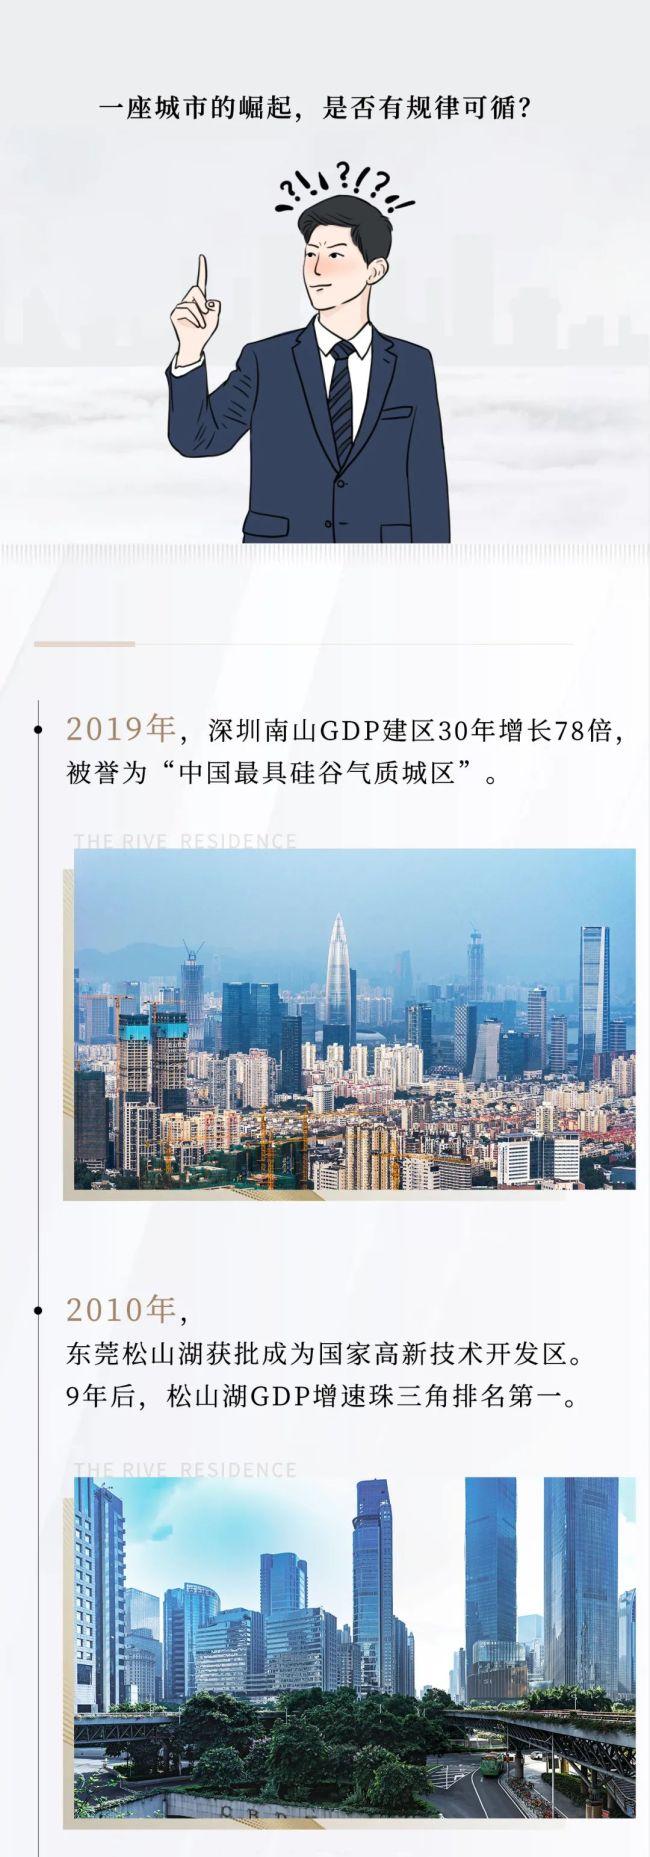 湾区时代下的城市发展路径,正被惠州复制!